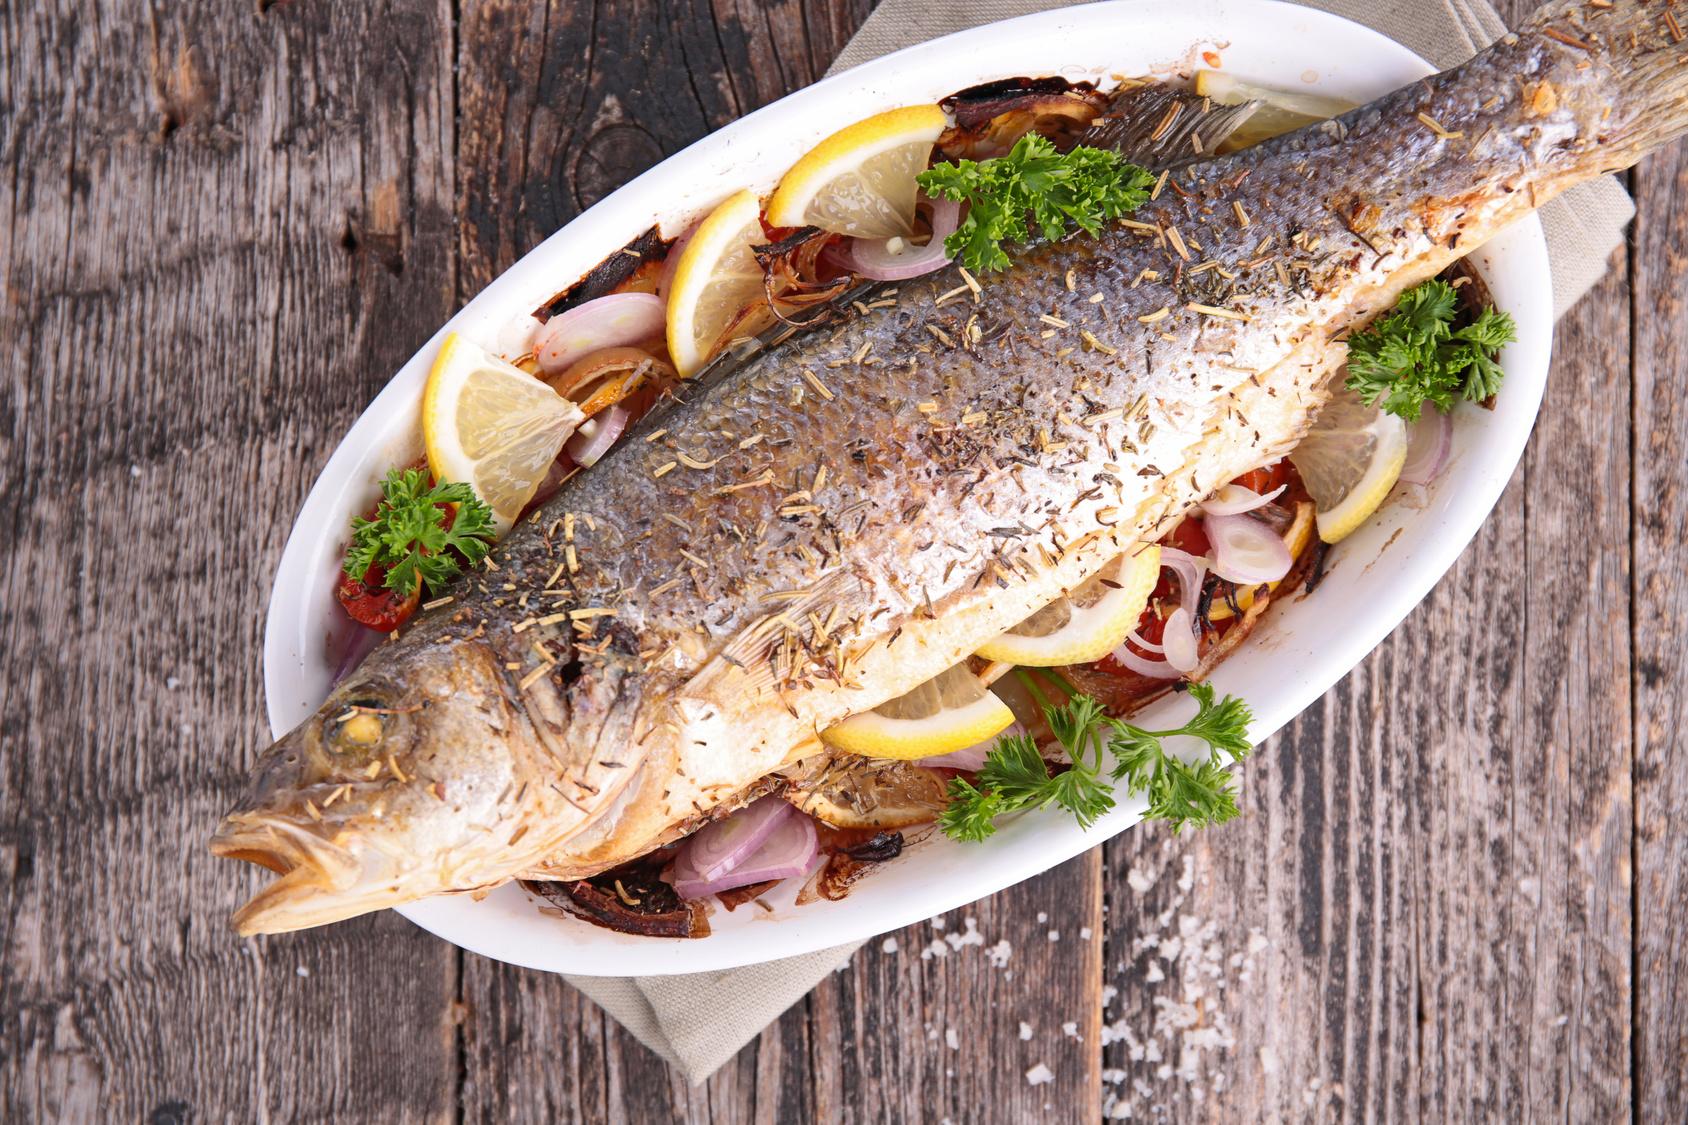 Einheimische fische i eisenherz kochschule m nchen for Einheimische fische gartenteich